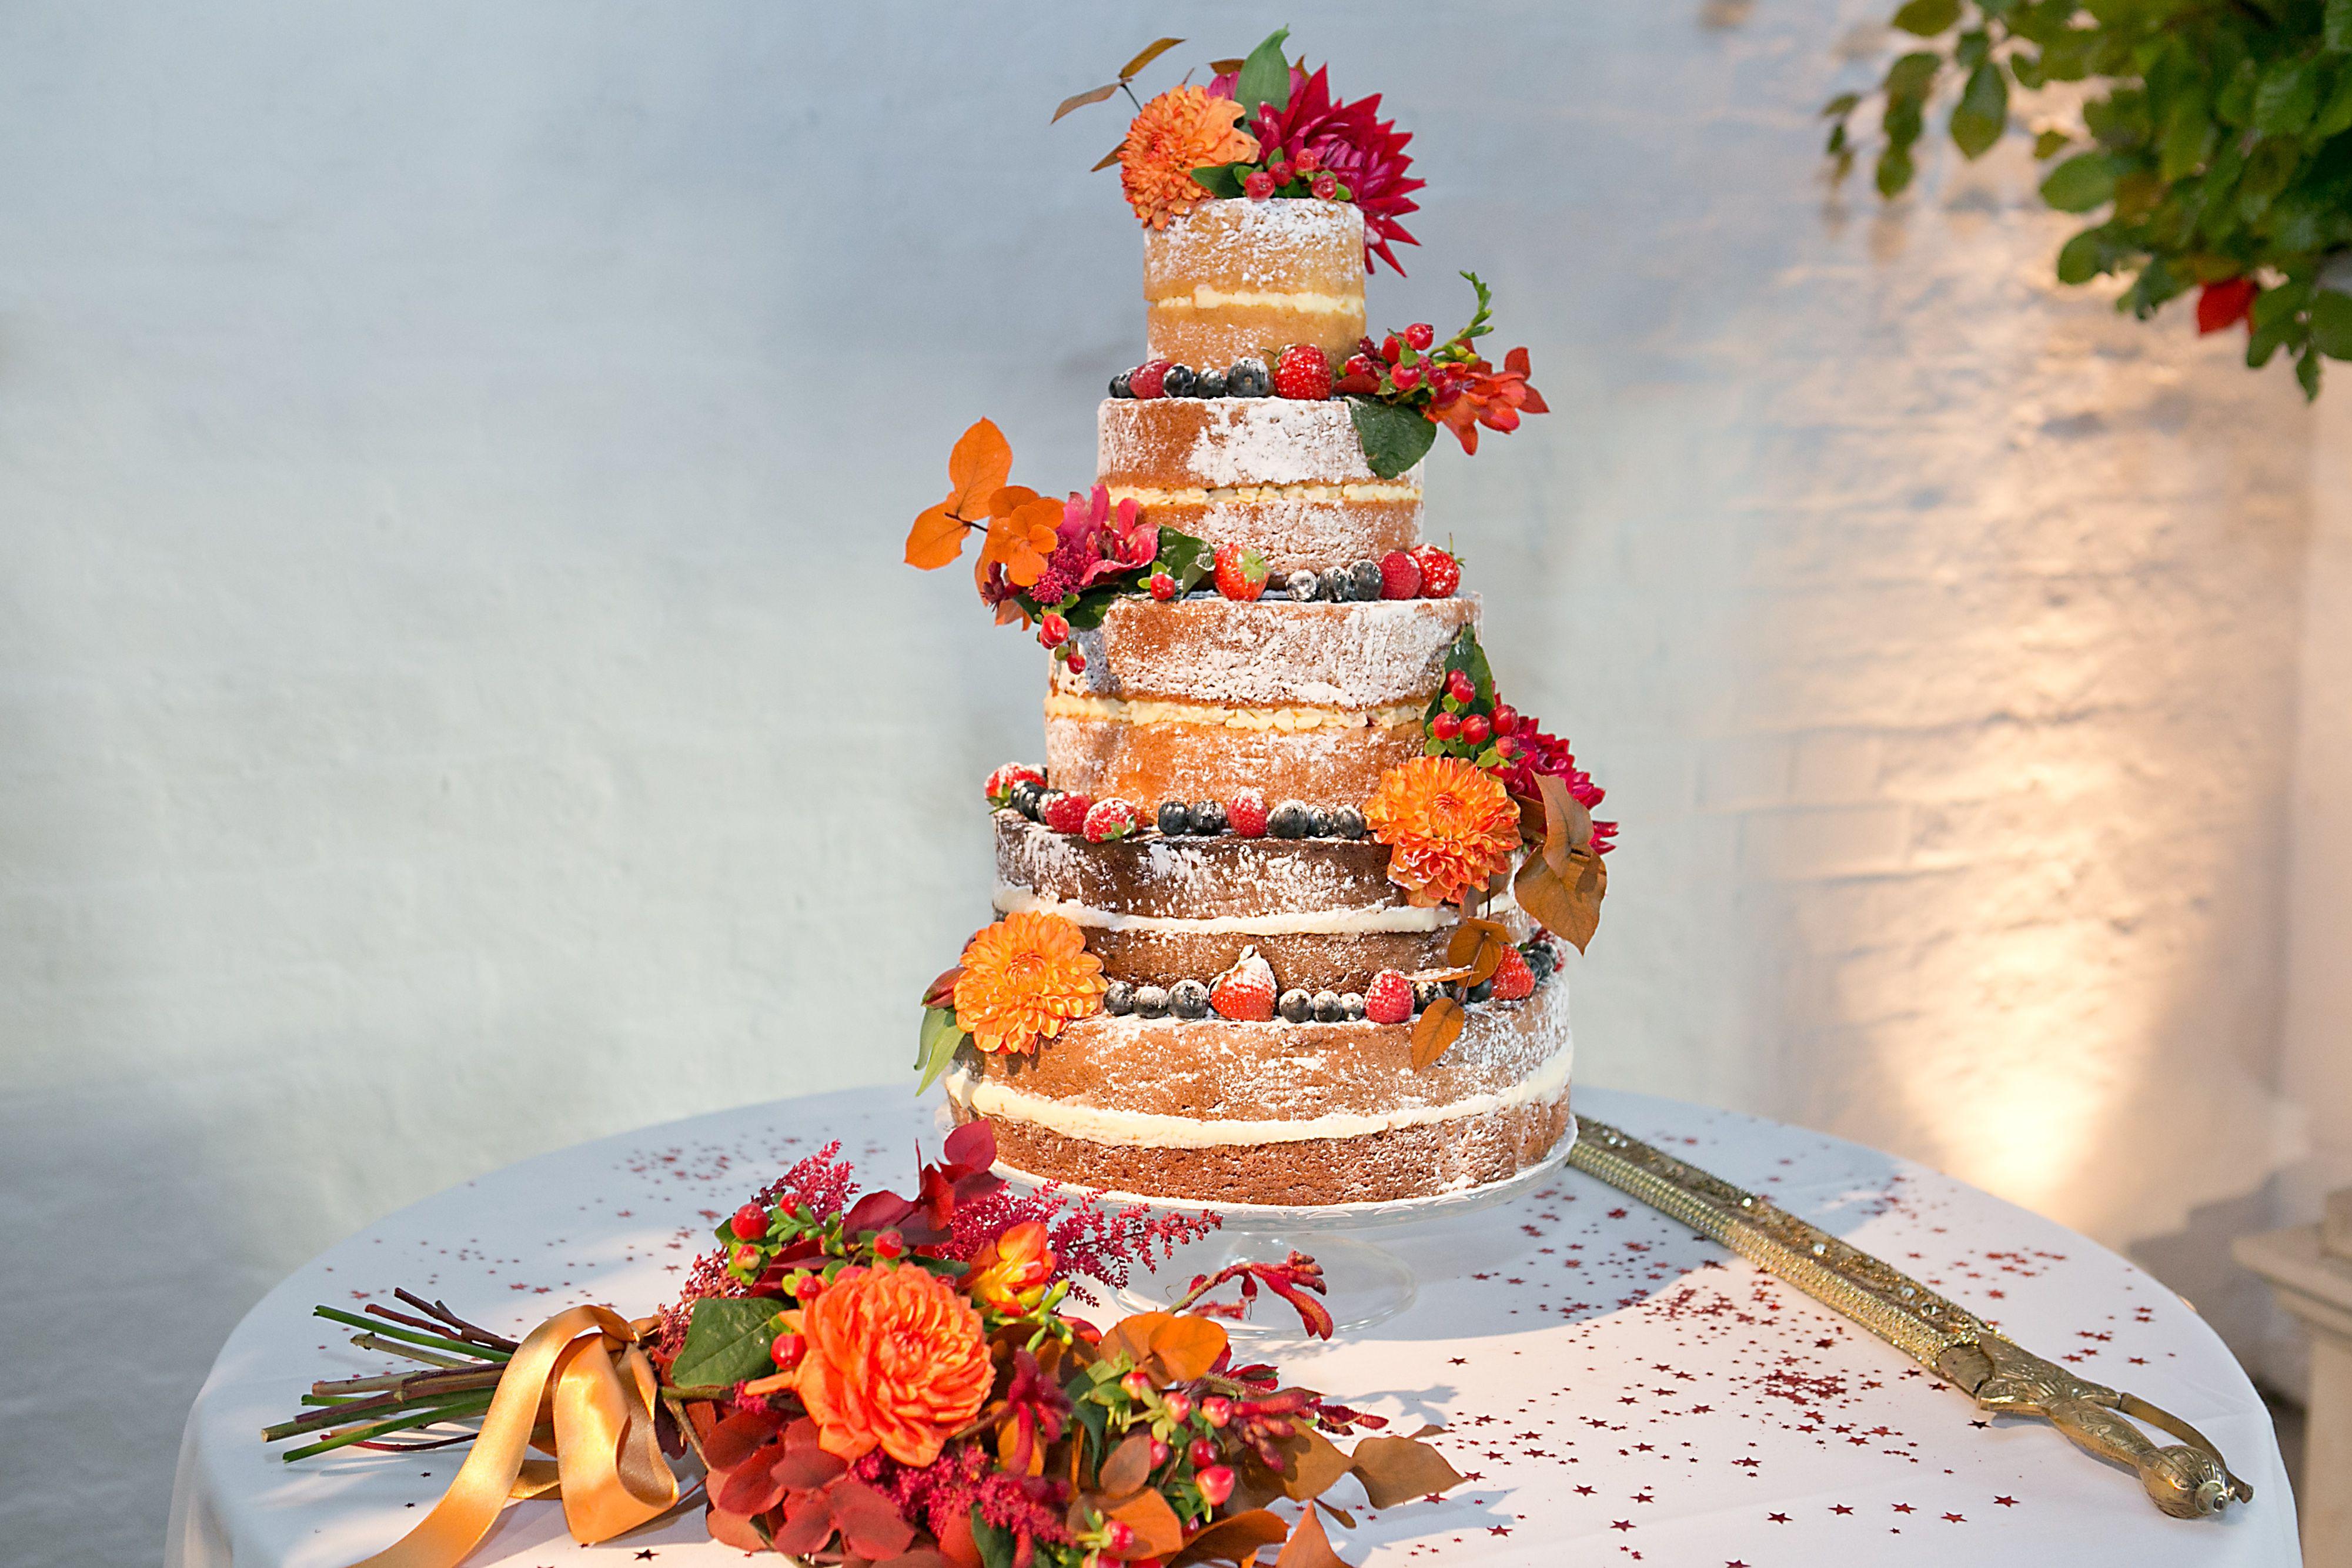 Cake by http://www.frenchmade.co.uk Photo: Photography by Krishanthi #autumn #weddingcake #nakedcake #rustic #wedding